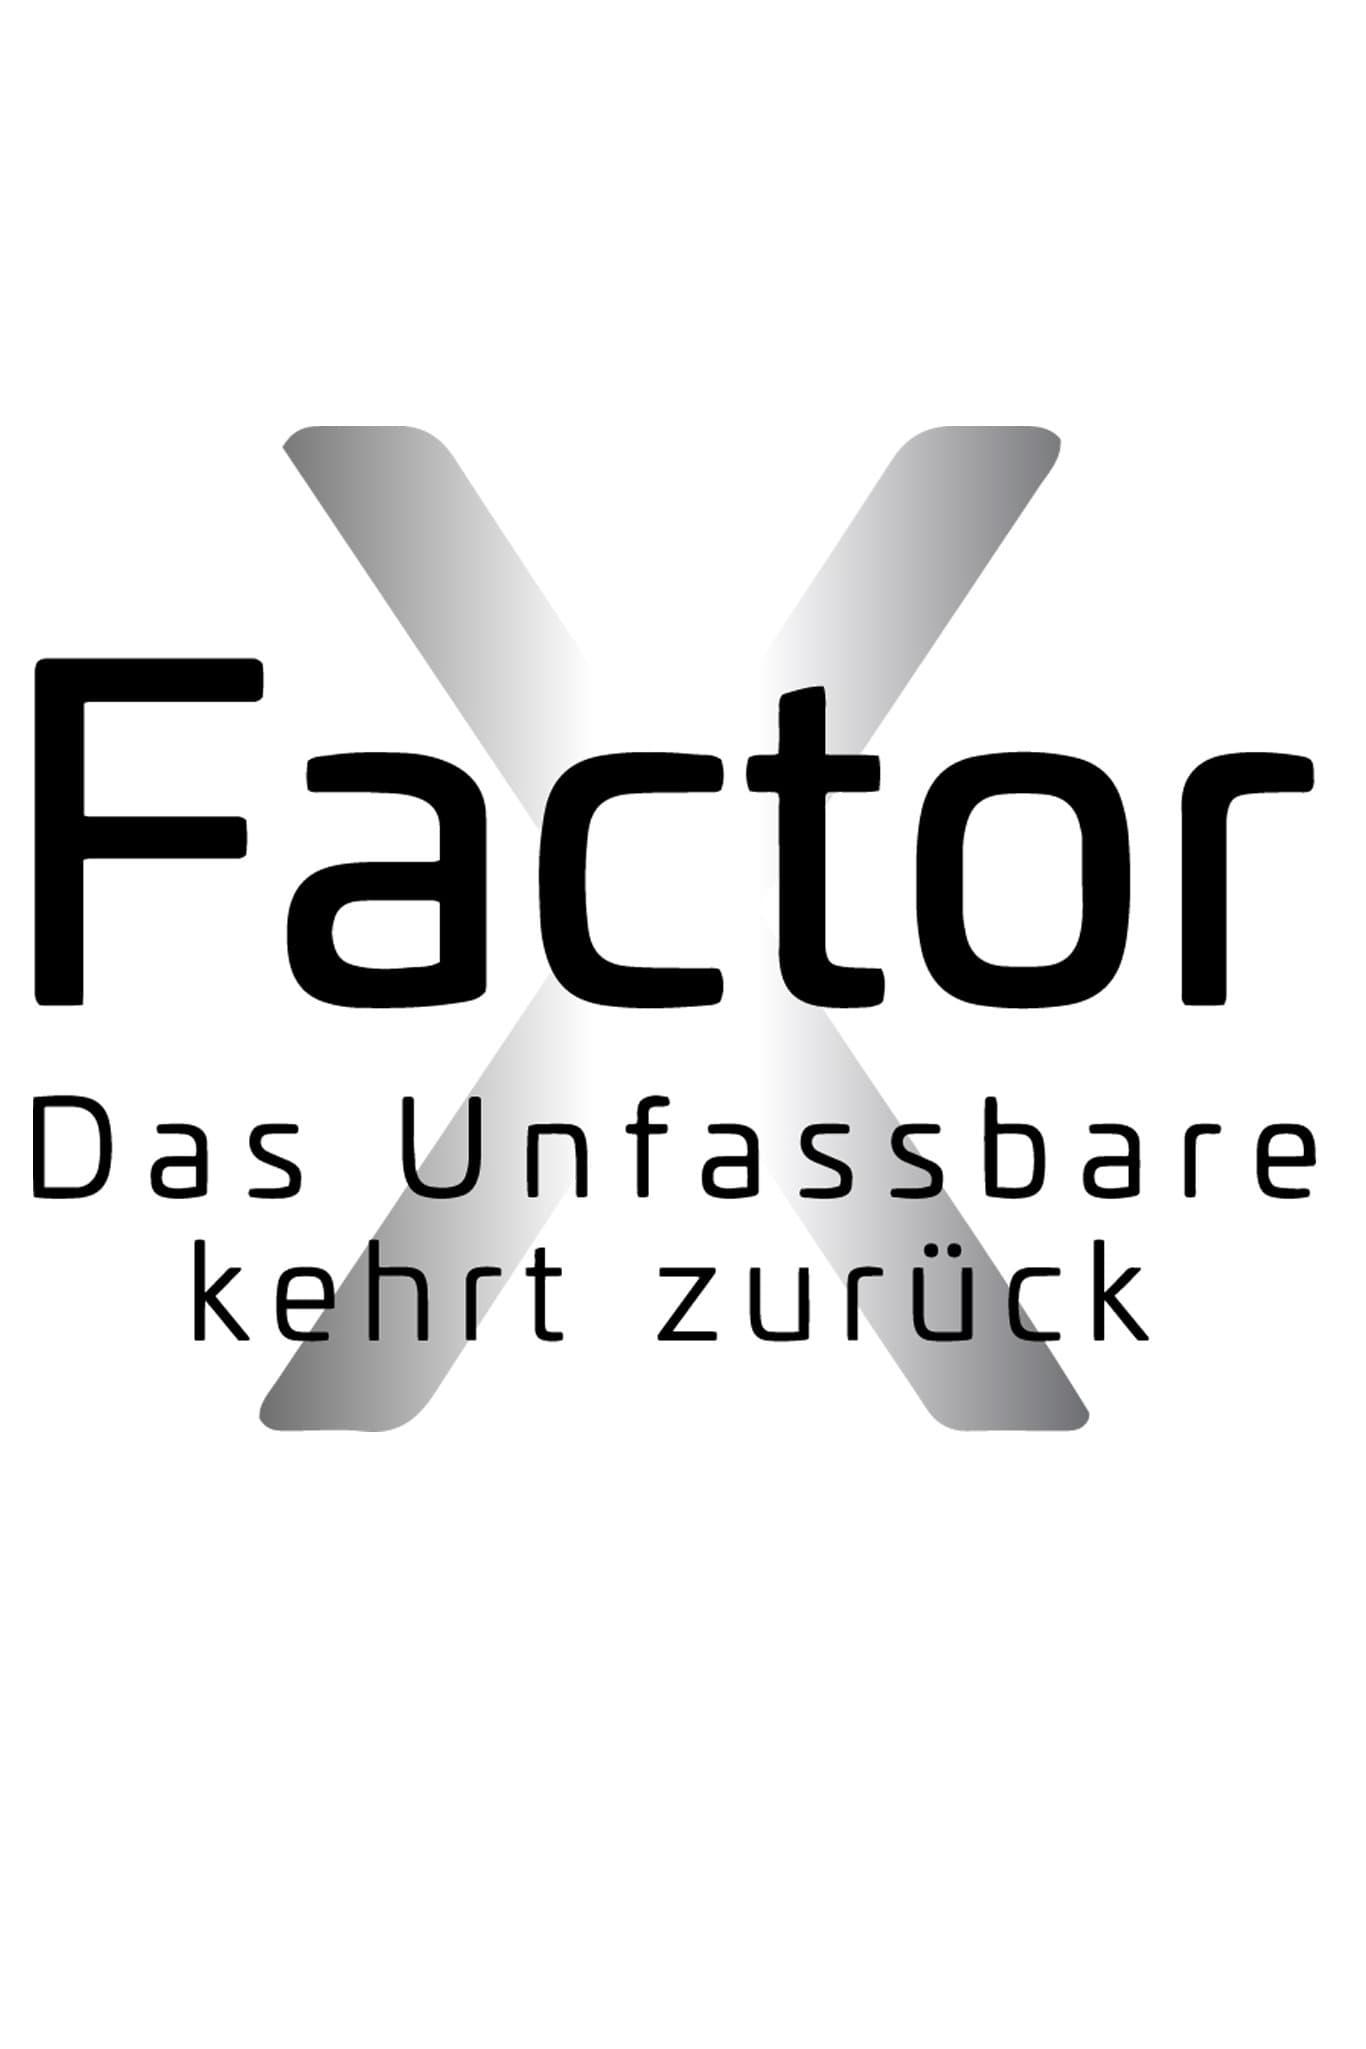 X-Faktor Das Unfassbare kehrt zurück